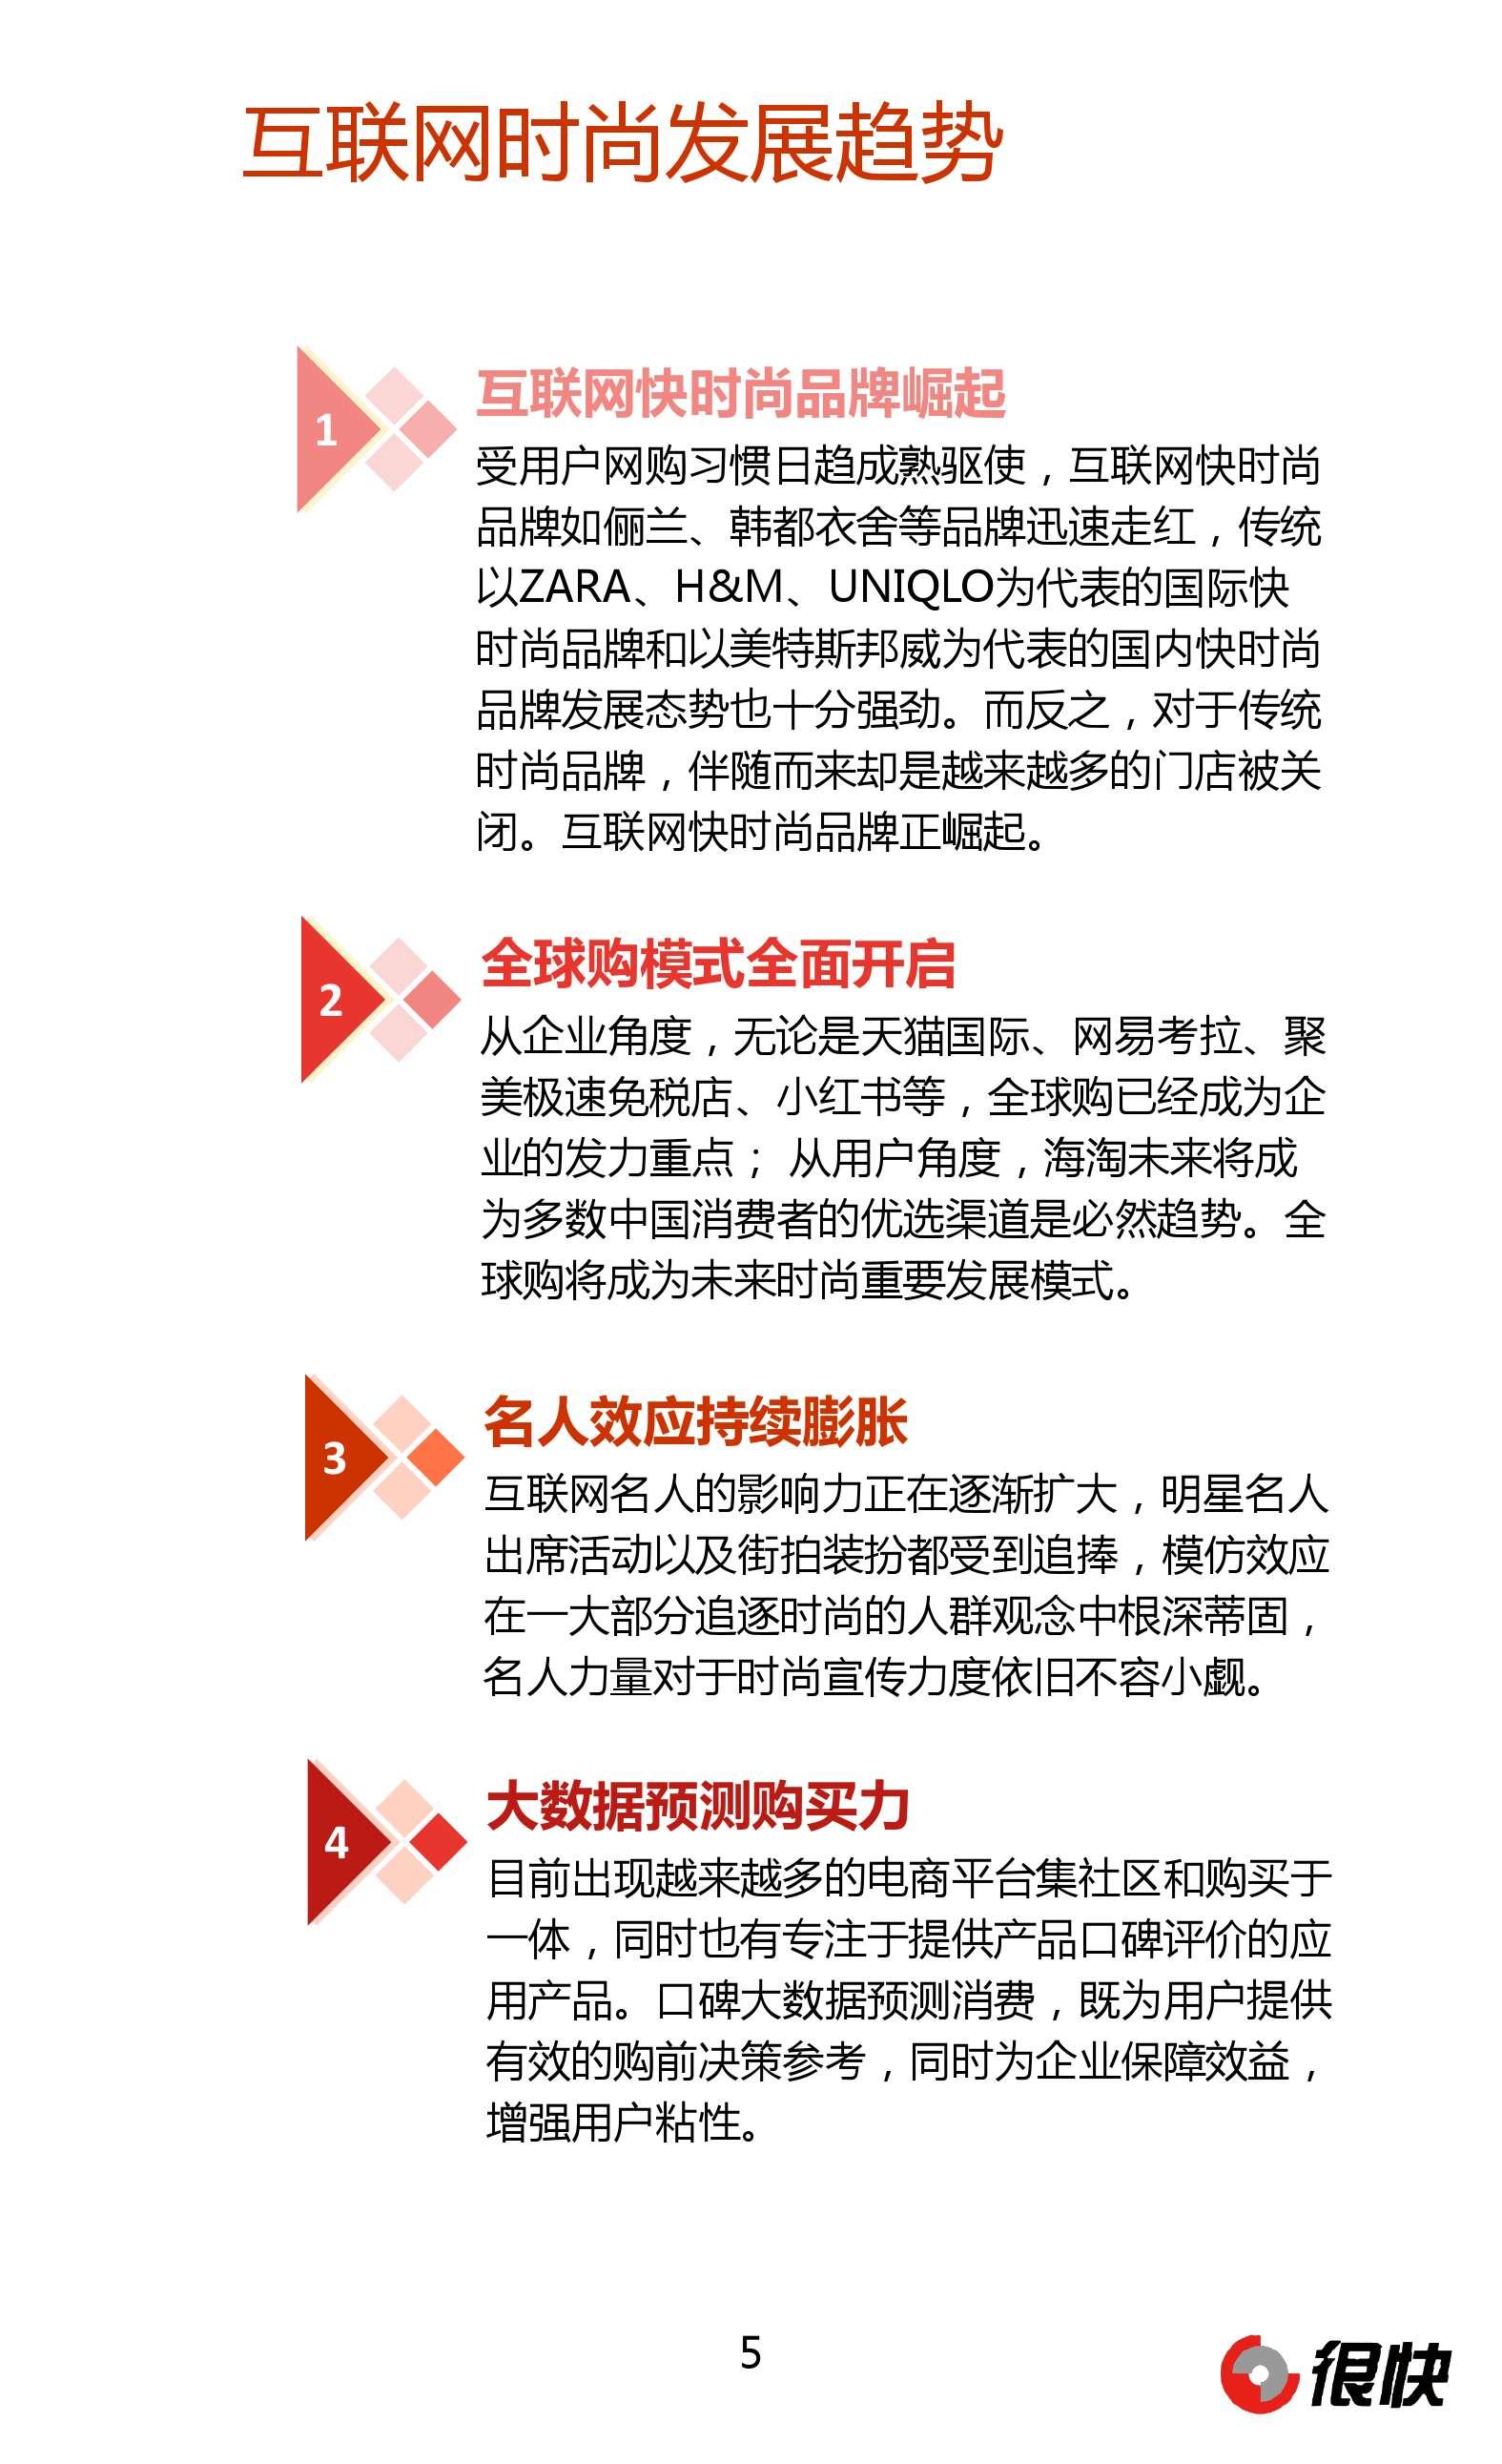 Henkuai-中国行业时尚微信公众号数据洞察报告_000005